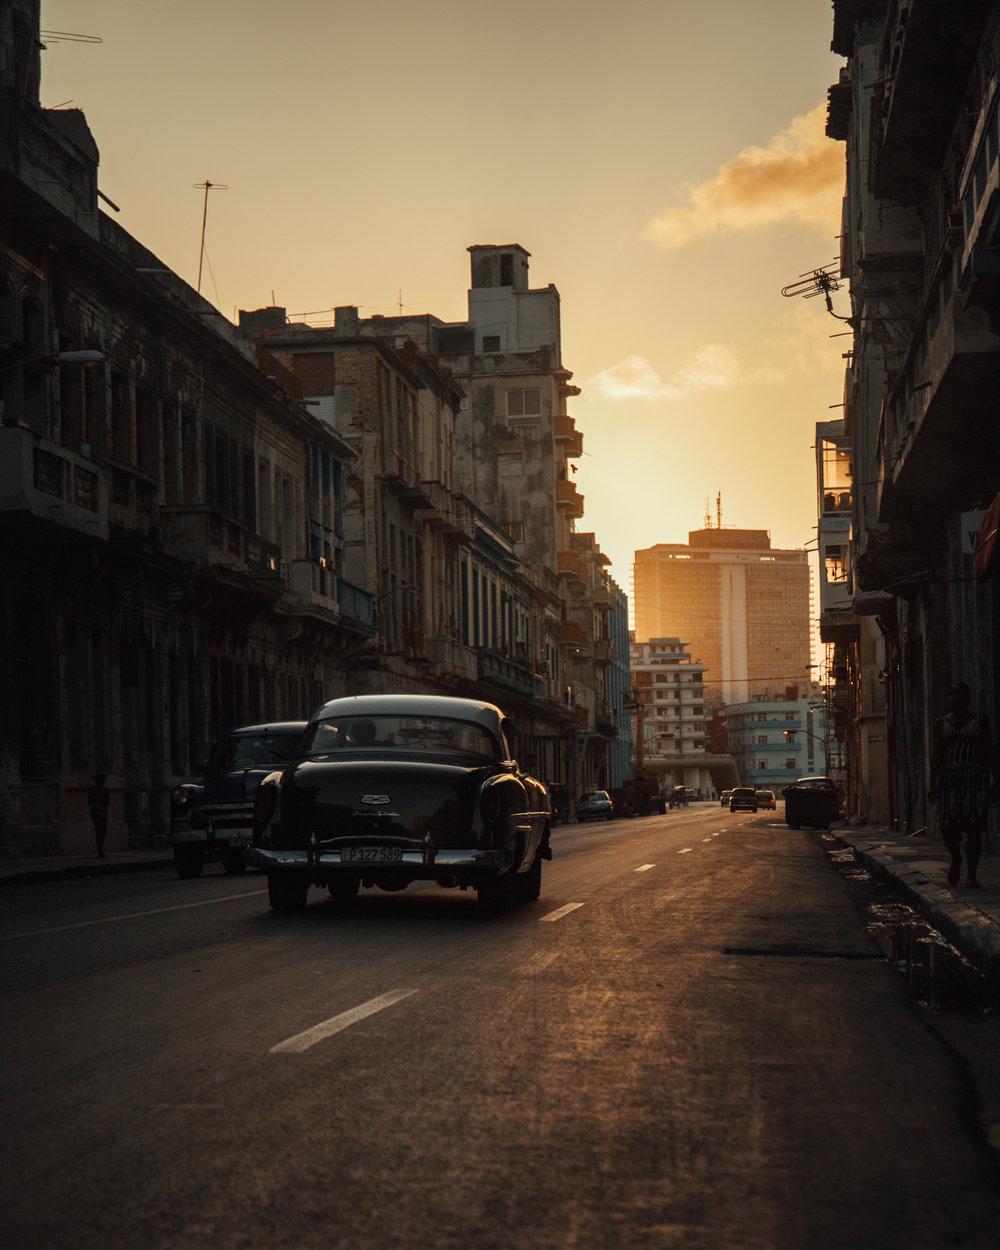 Postcards_From_Cuba_Javi_visits_Hotel_weekend6.jpg